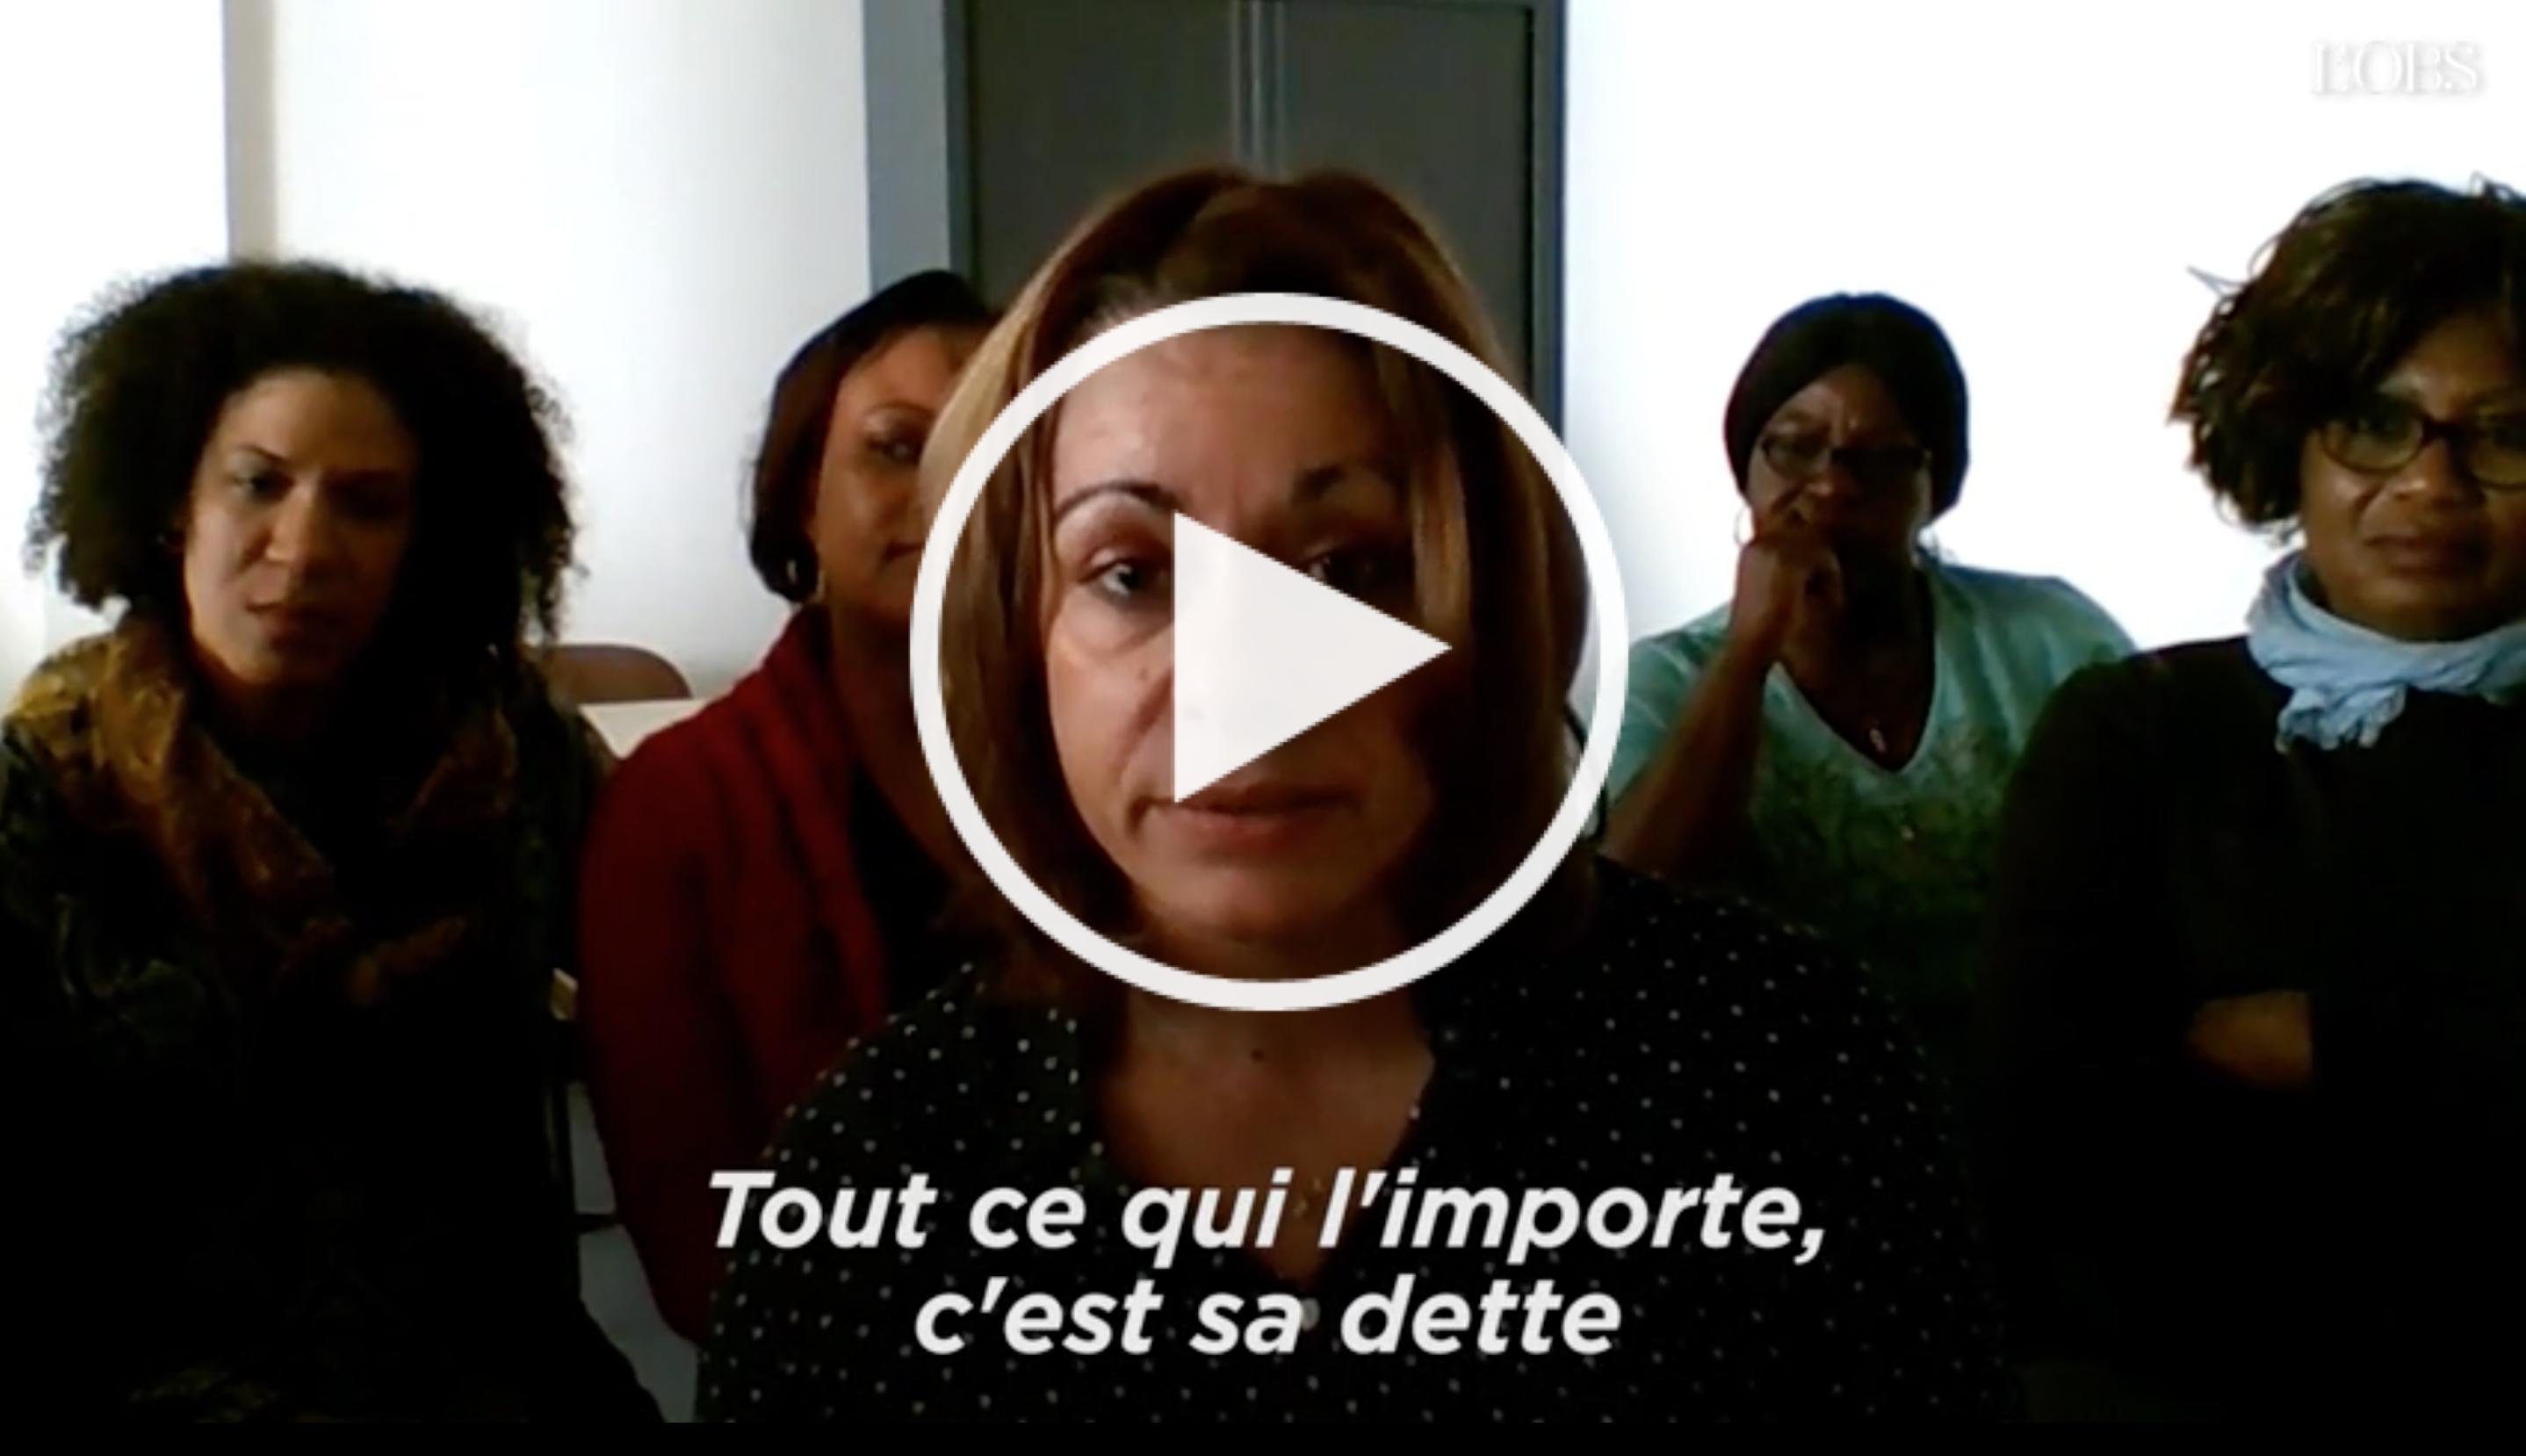 """""""Il n'en a rien à foutre"""" - Les aides-soignants répondent au mépris de Fillon !"""